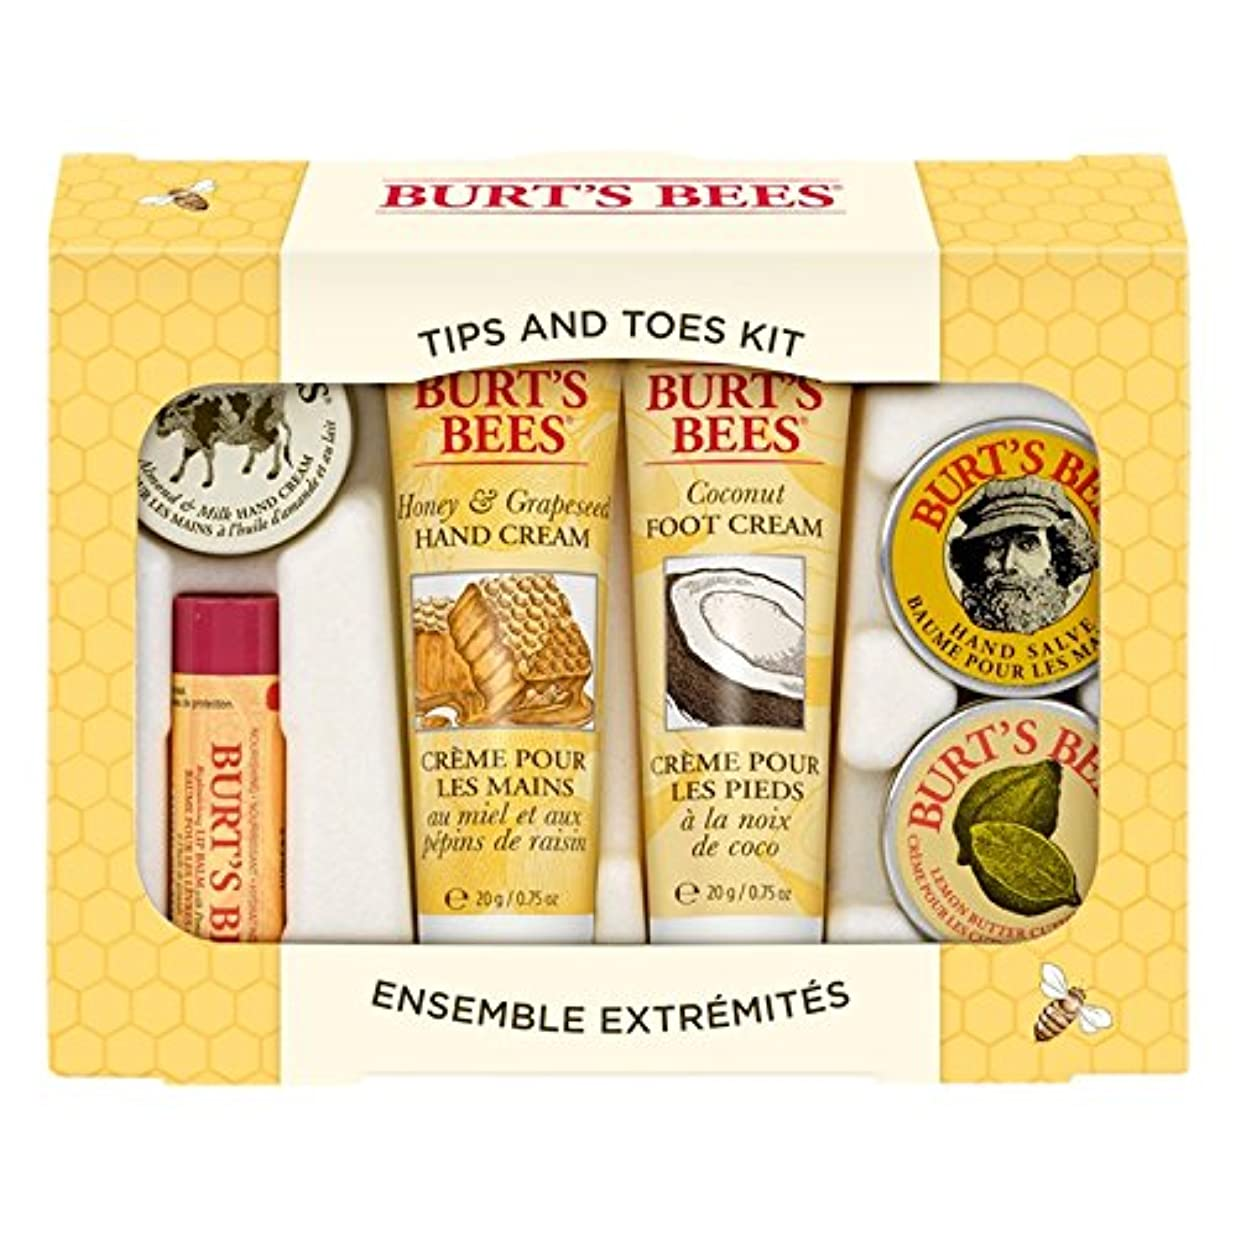 一時的割れ目眩惑するバーツビーのヒントとつま先はスターターキットをスキンケア (Burt's Bees) - Burt's Bees Tips And Toes Skincare Starter Kit [並行輸入品]